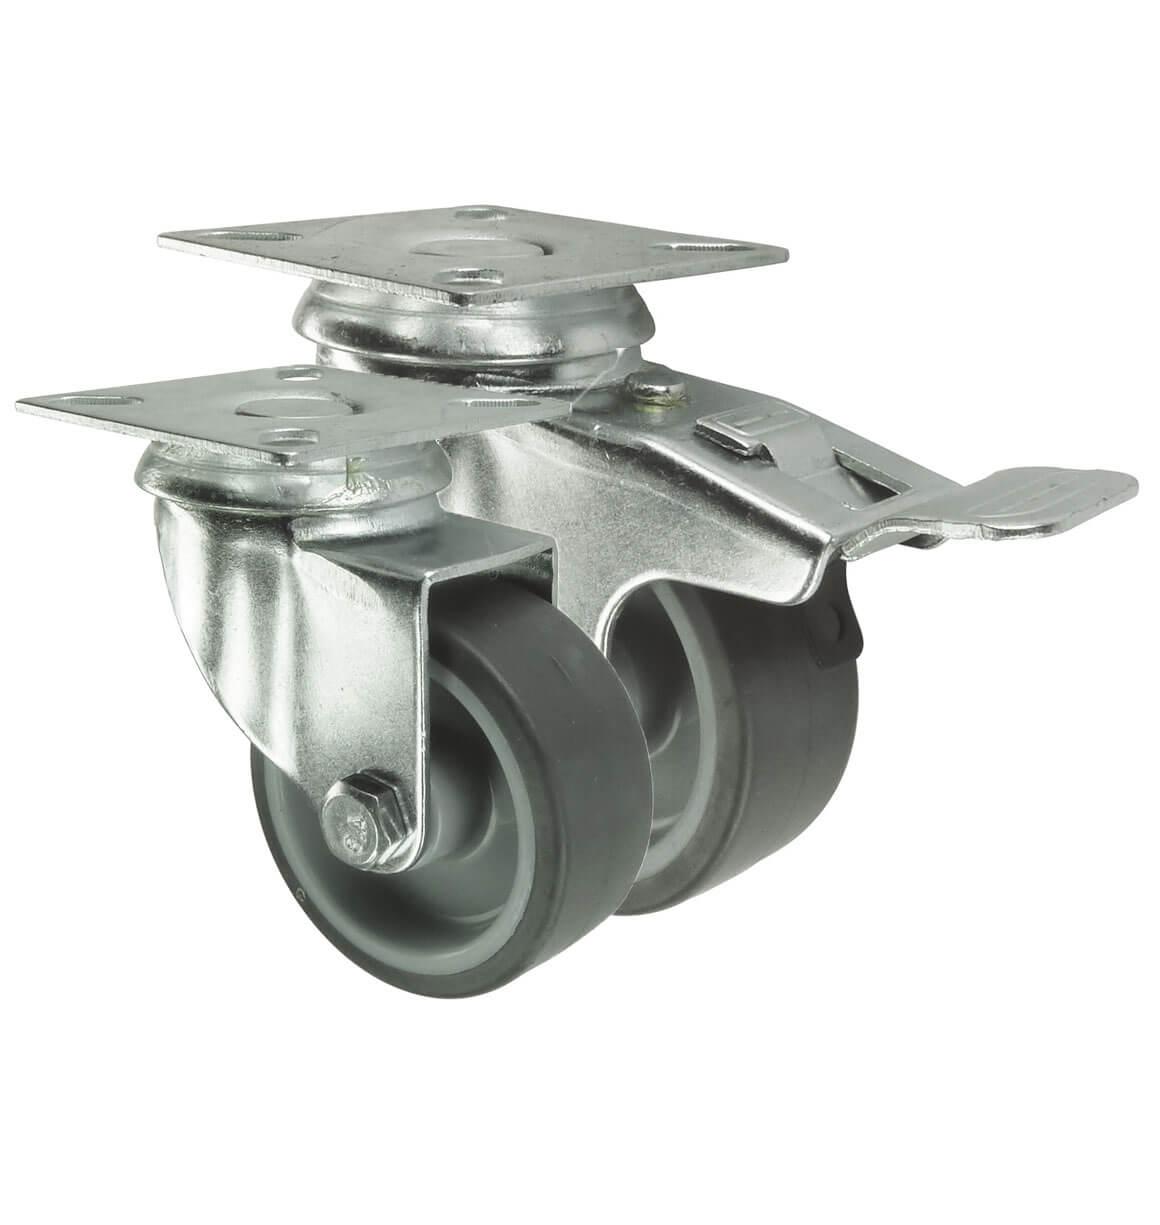 Small Castors Rubber Wheel FS Series Furniture